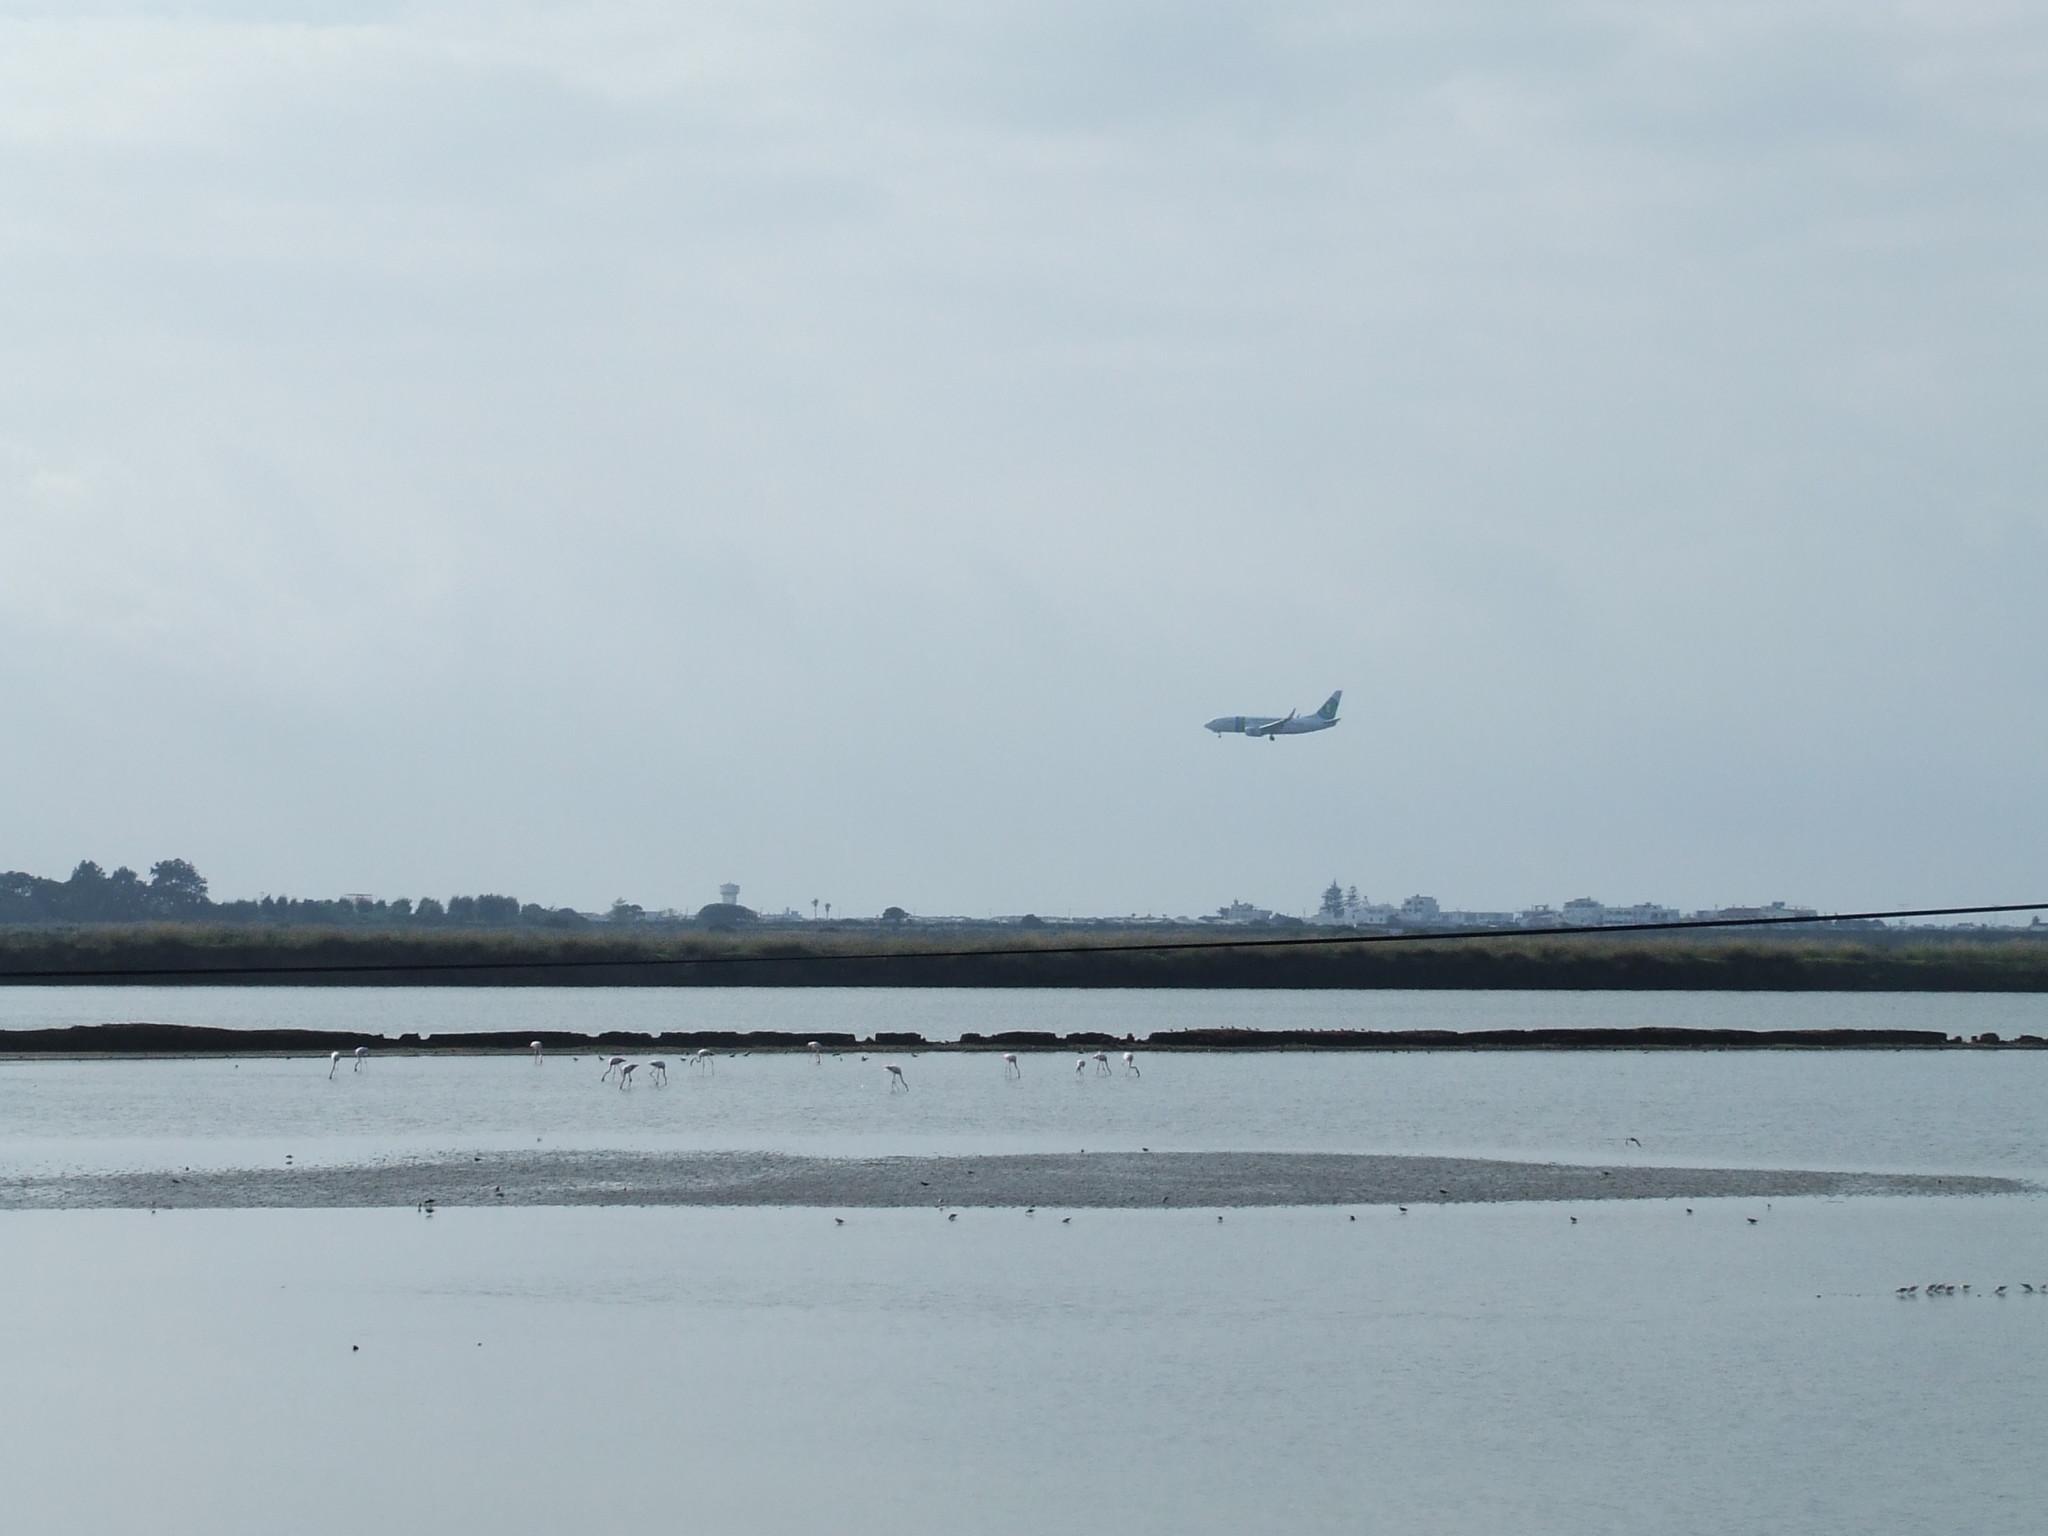 Plane flying over saltpans